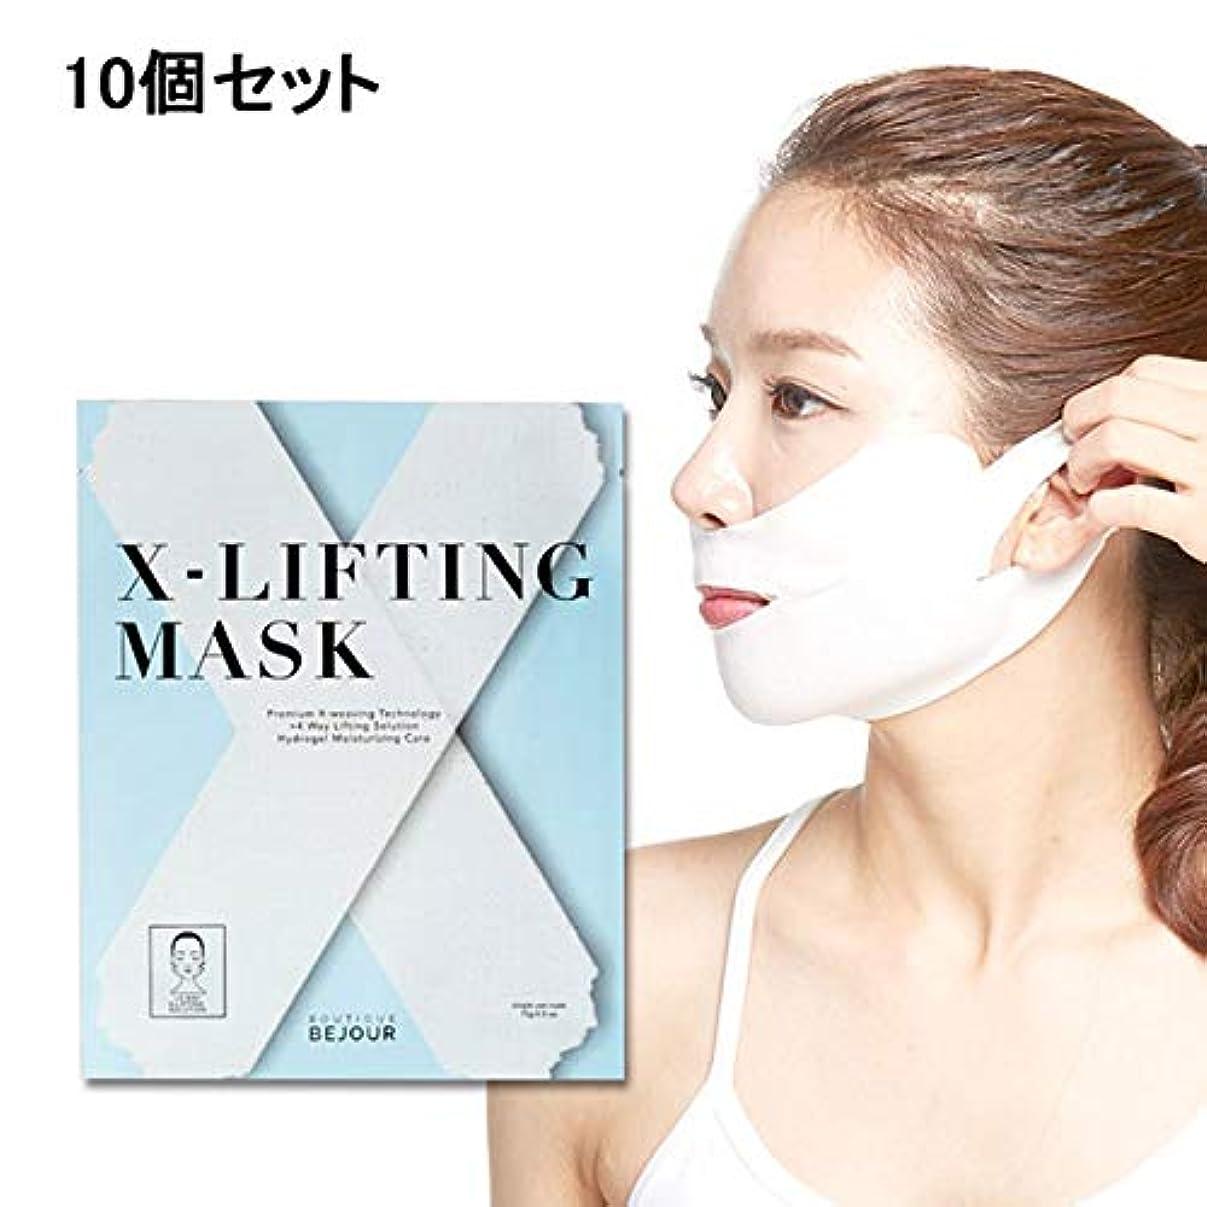 くびれた気絶させる折り目< ビジュール > X-Lifting (エックスリフティング) マスク (10個セット) [ リフトアップ フェイスマスク フェイスシート フェイスパック フェイシャルマスク シートマスク フェイシャルシート フェイシャルパック...